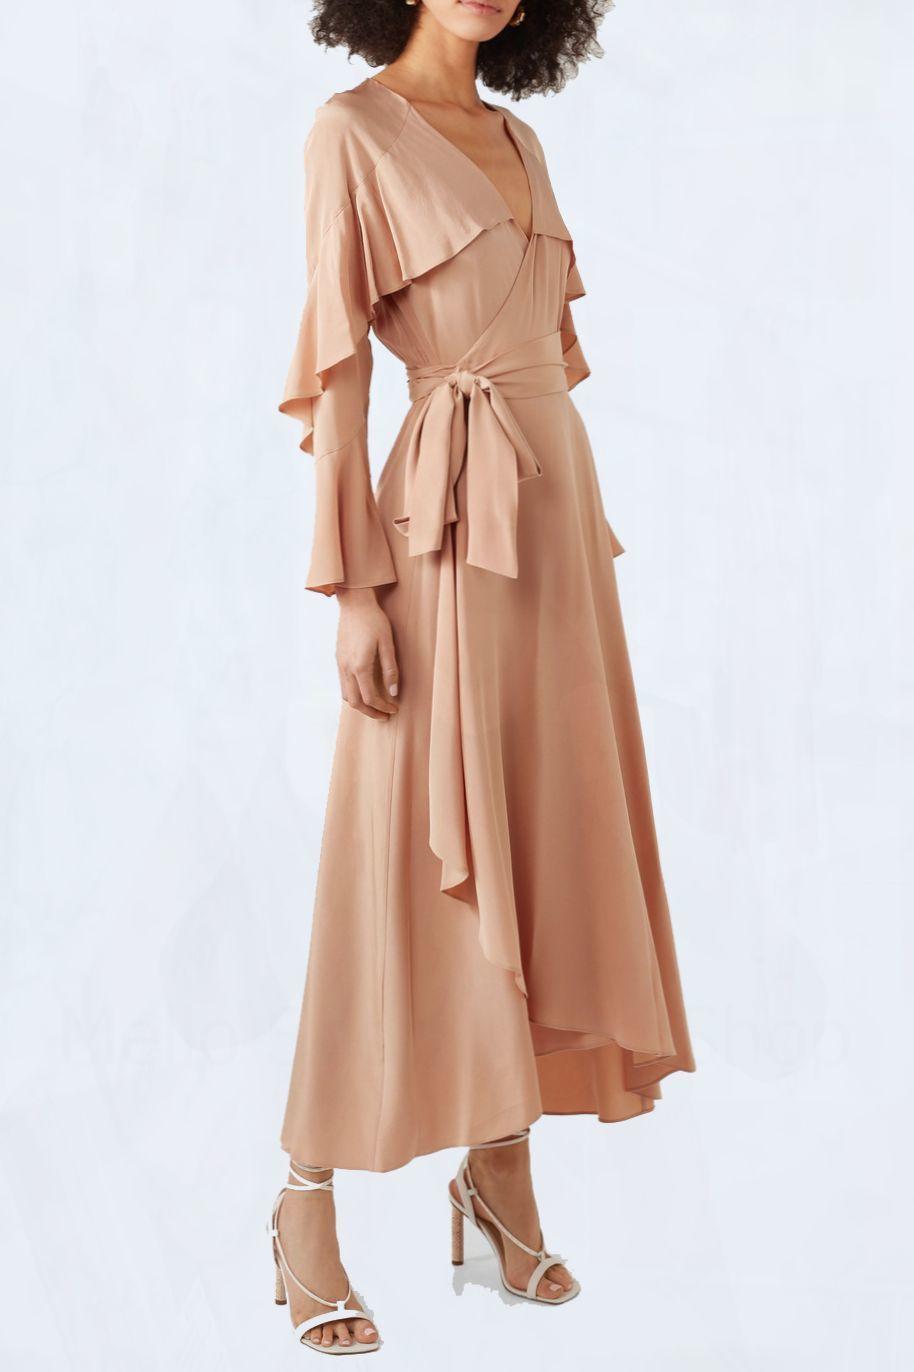 Красивое вечерне платье. Подойдет на работу, и на вечернее событие, Платья, Оренбург, Фото №1